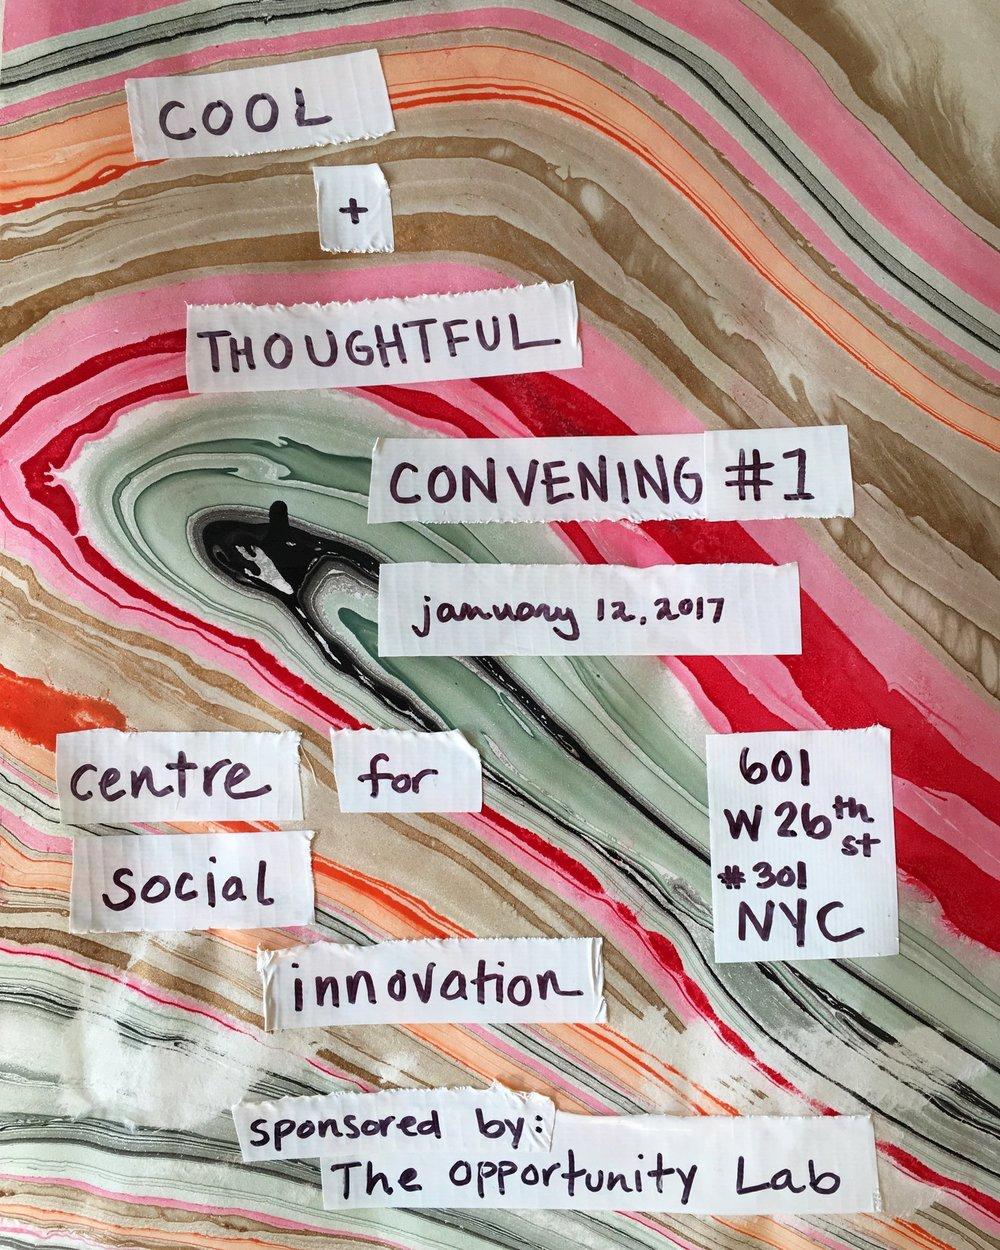 COOL+Convening+final+poster.jpg